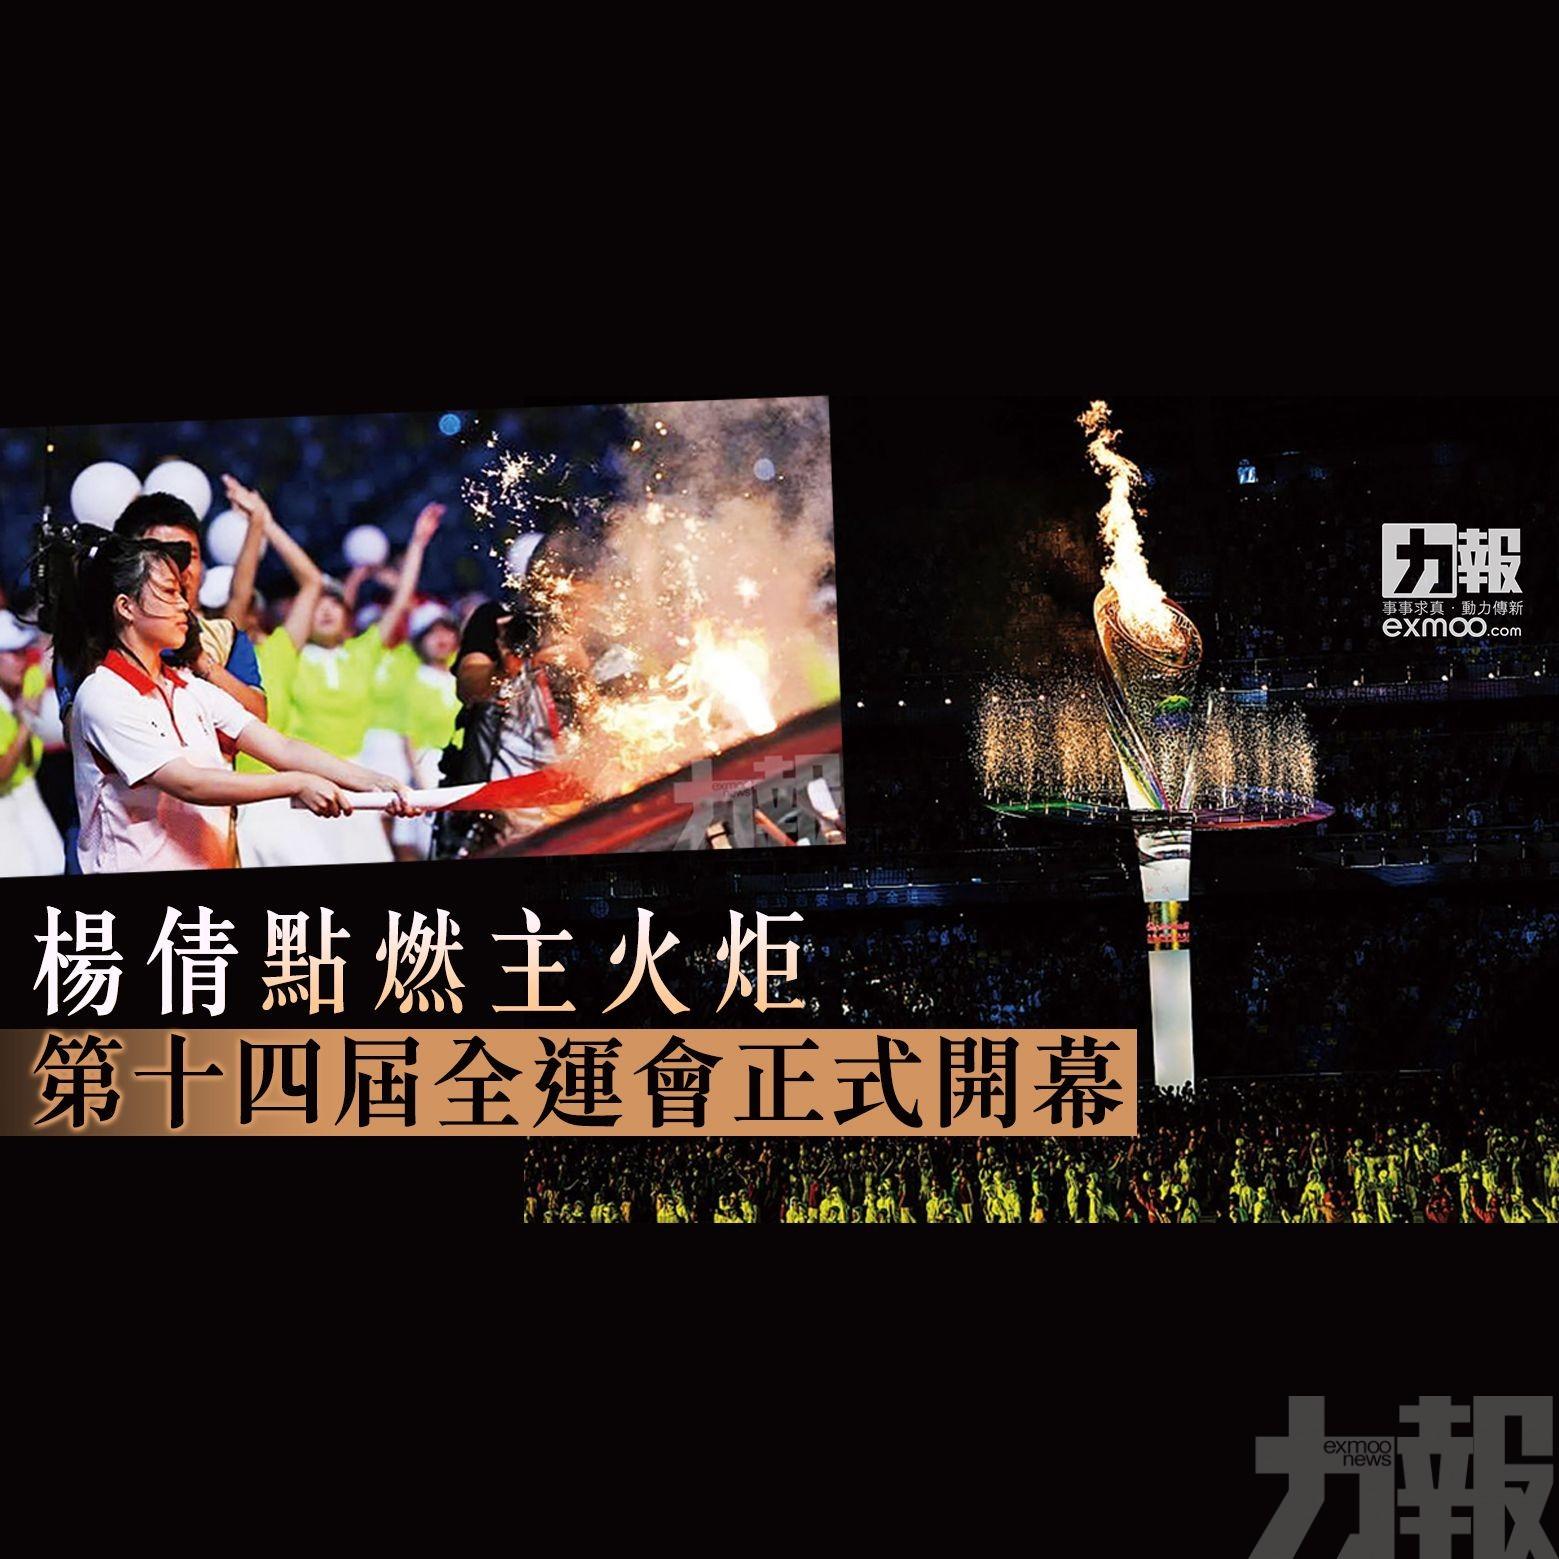 第十四屆全運會正式開幕